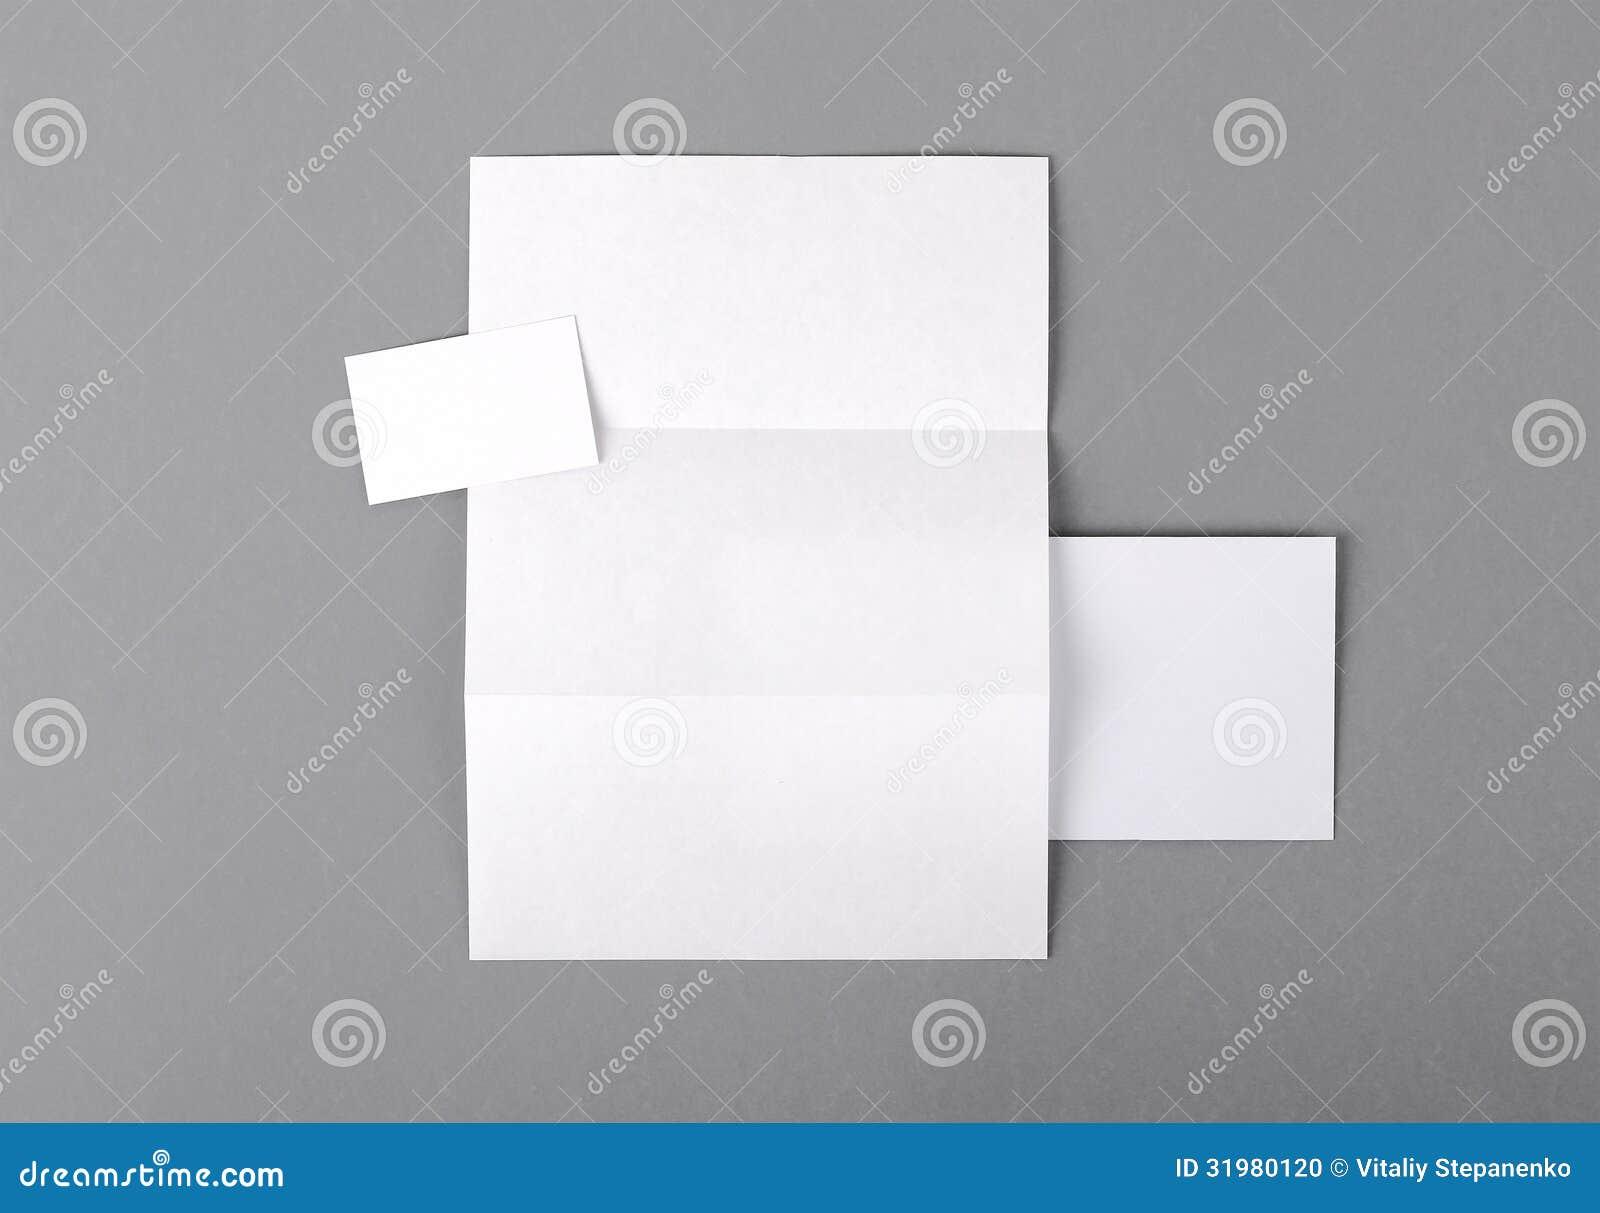 Efectos de escritorio básicos en blanco. Papel con membrete doblado, tarjeta de visita, envelo